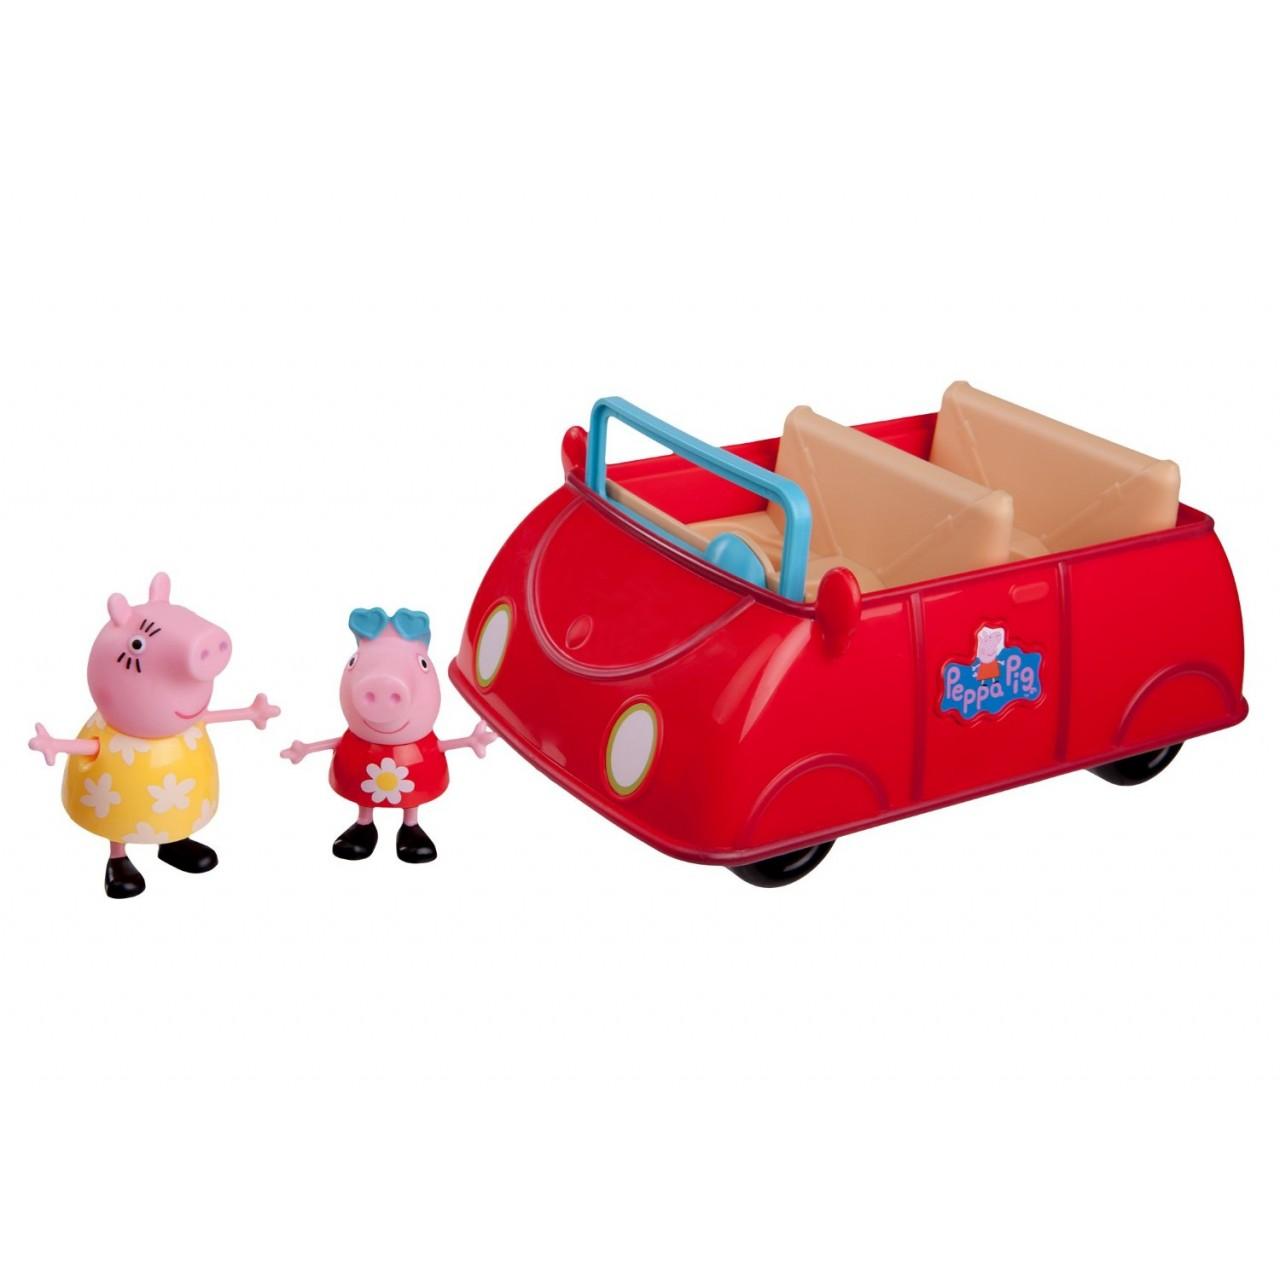 Свинка Peppa - с интерактивной Машиной Пеппы, 92605